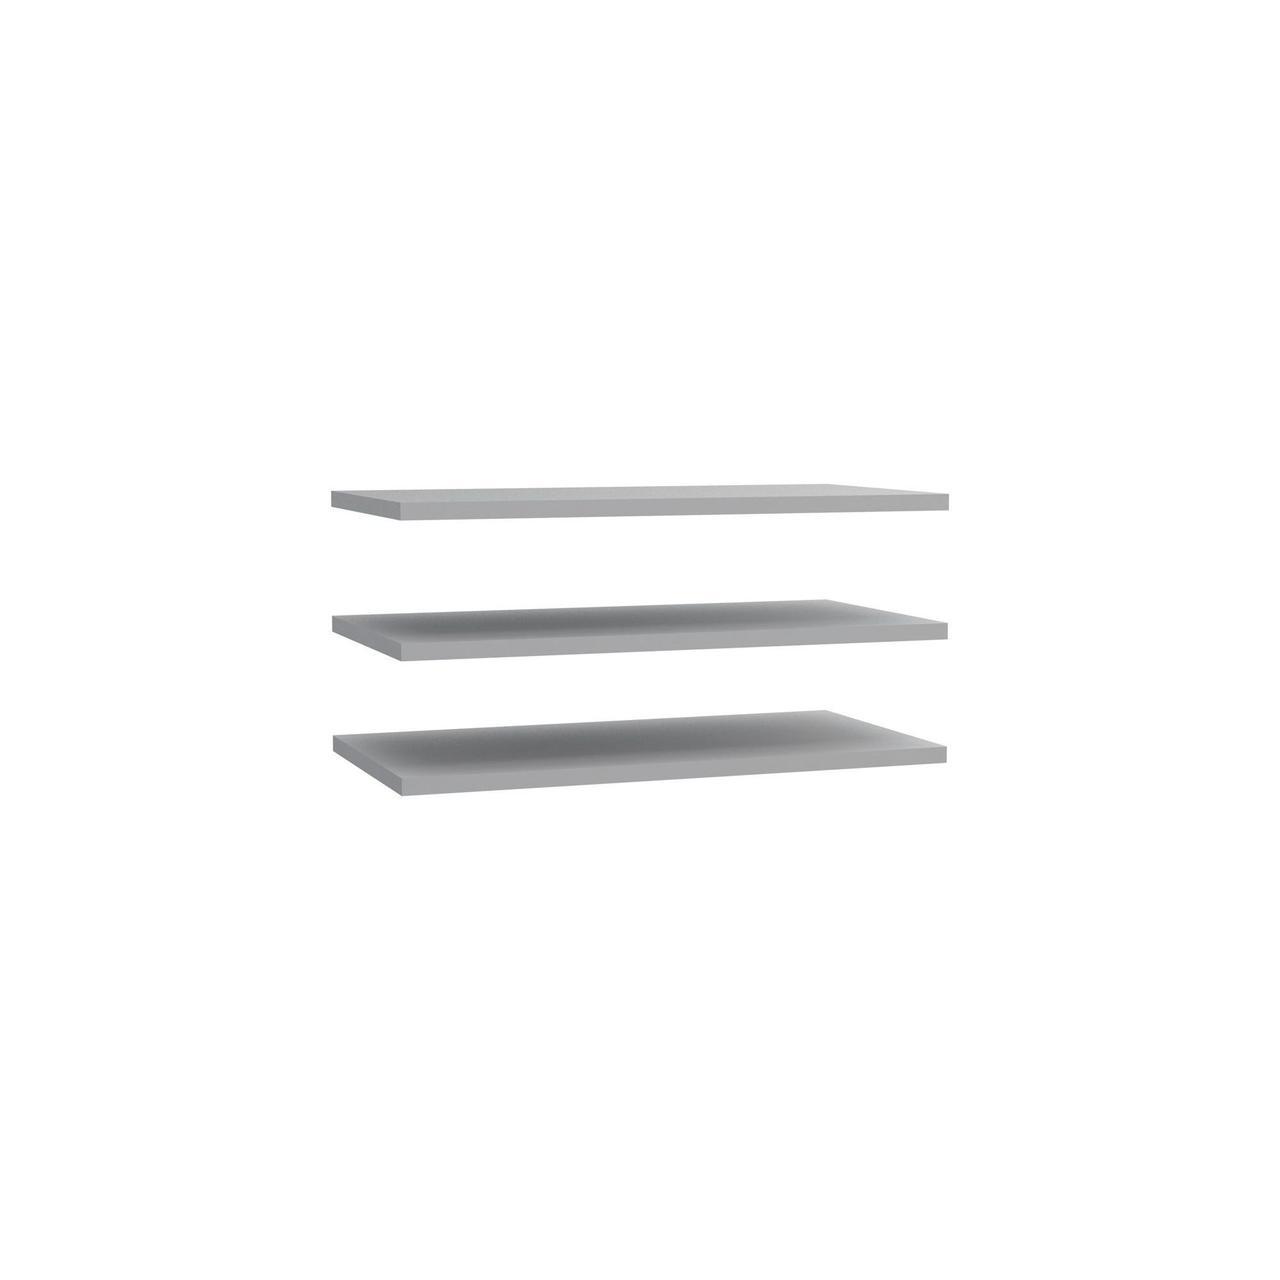 Полка 3 шт. DMRD82-A06 DREAMER Forte серый